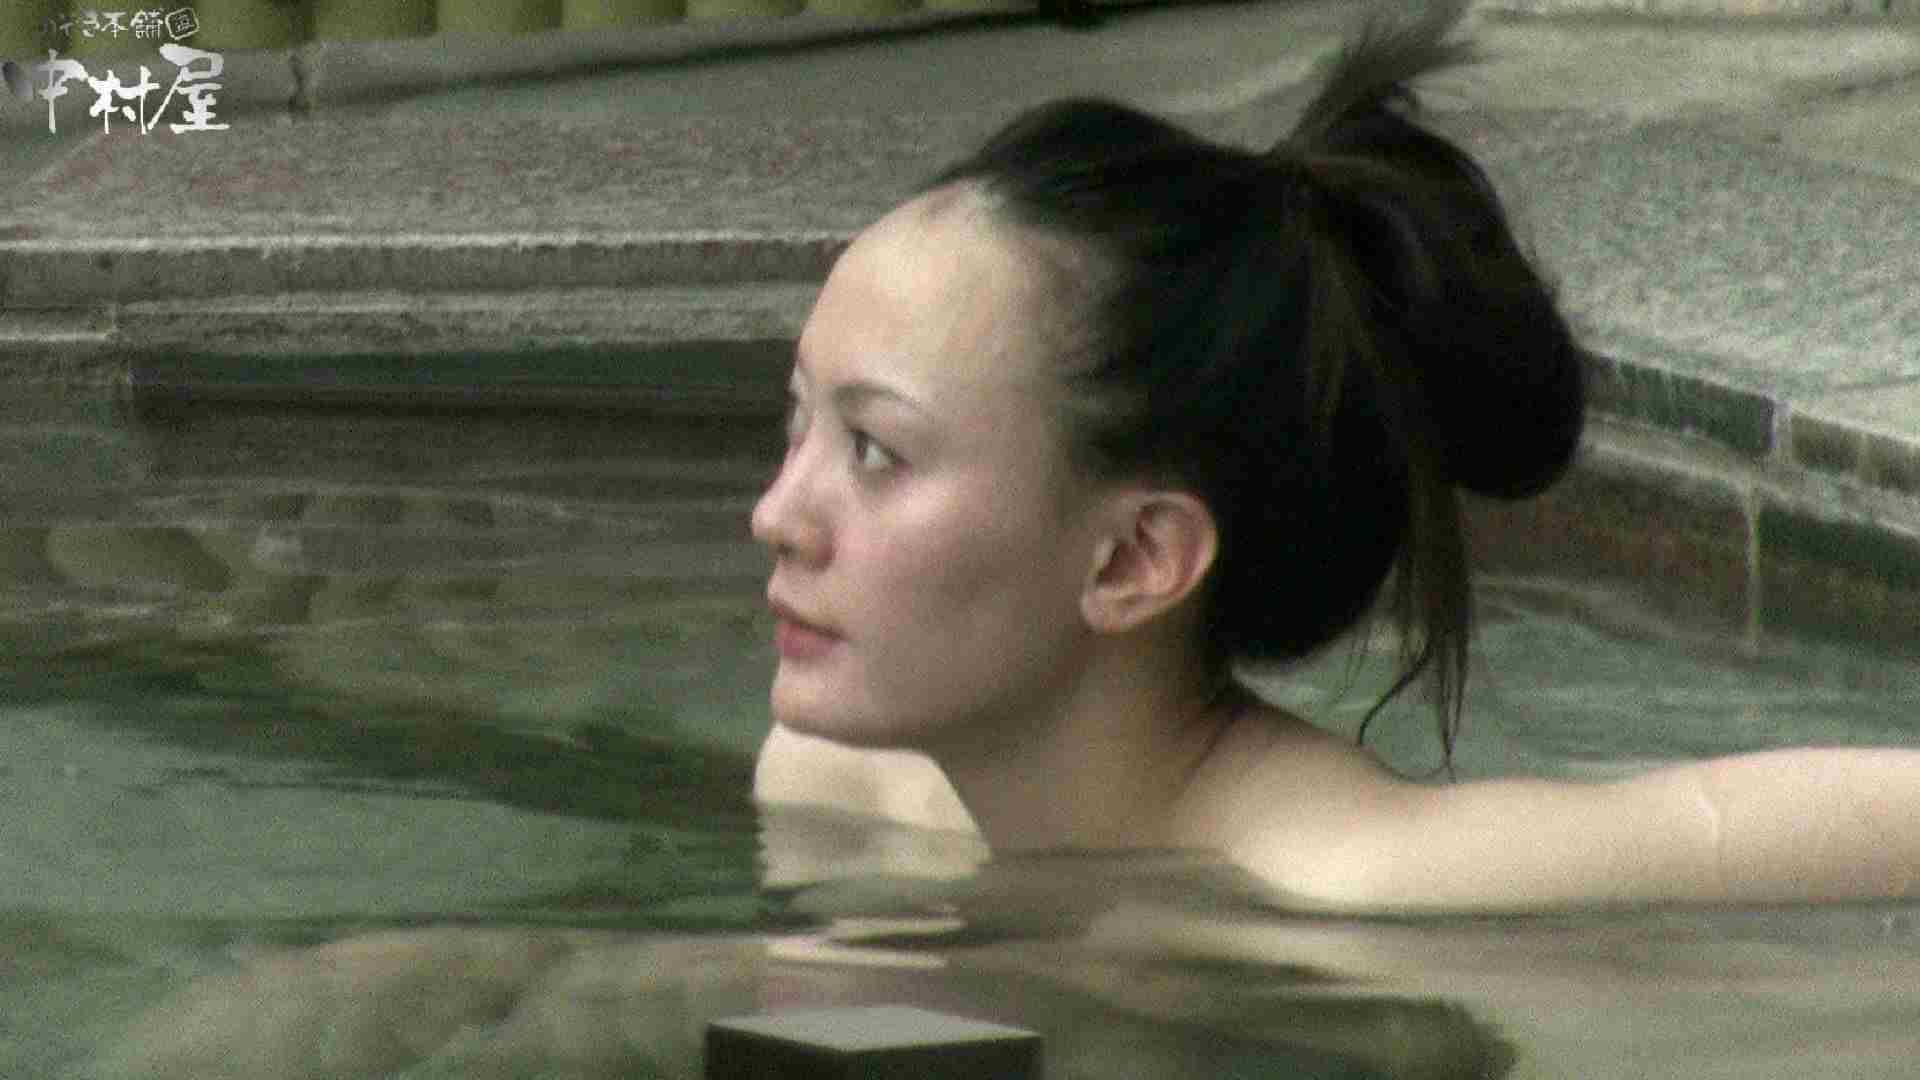 Aquaな露天風呂Vol.900 美しいOLの裸体  86pic 57